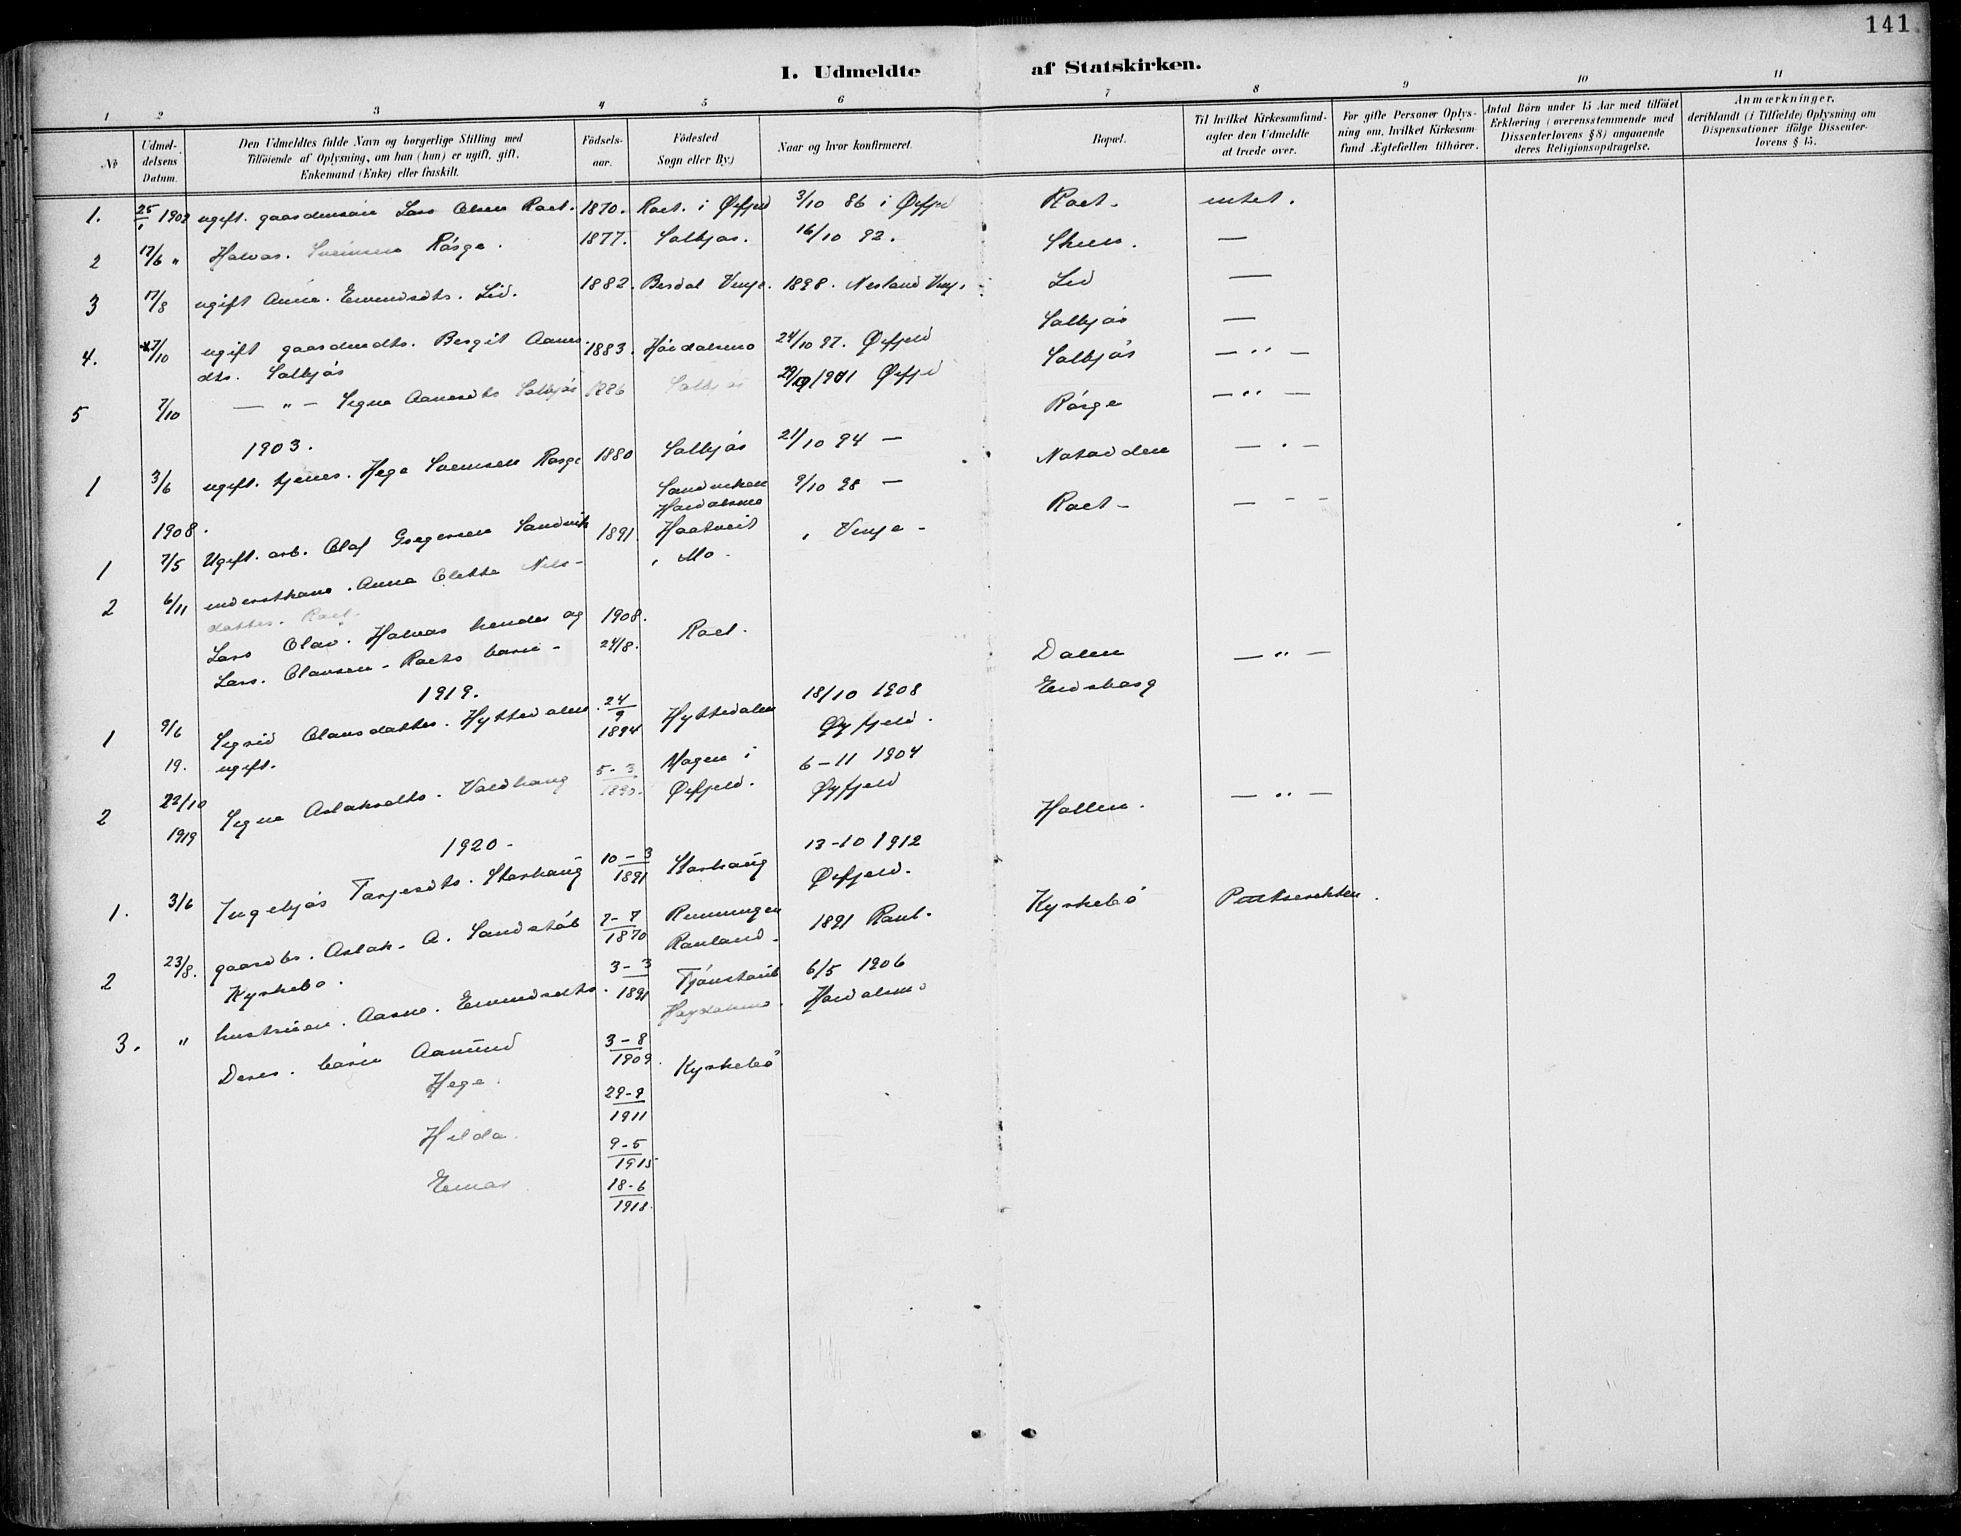 SAKO, Rauland kirkebøker, G/Gb/L0002: Klokkerbok nr. II 2, 1887-1937, s. 141